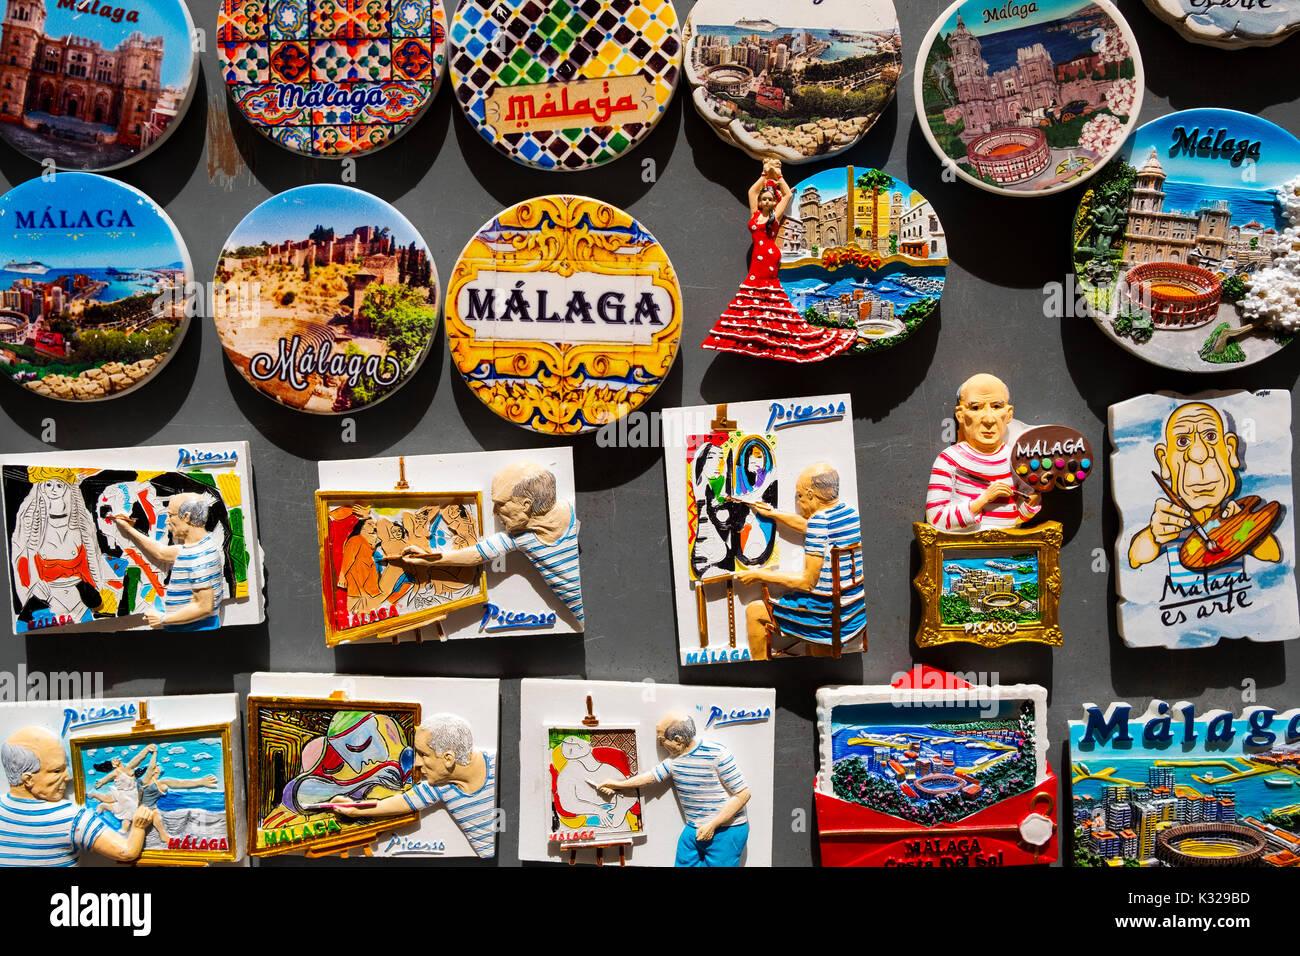 Souvenirs cadeaux, la ville de Malaga, Costa del Sol, Andalousie le sud de l'Espagne, Europe Photo Stock